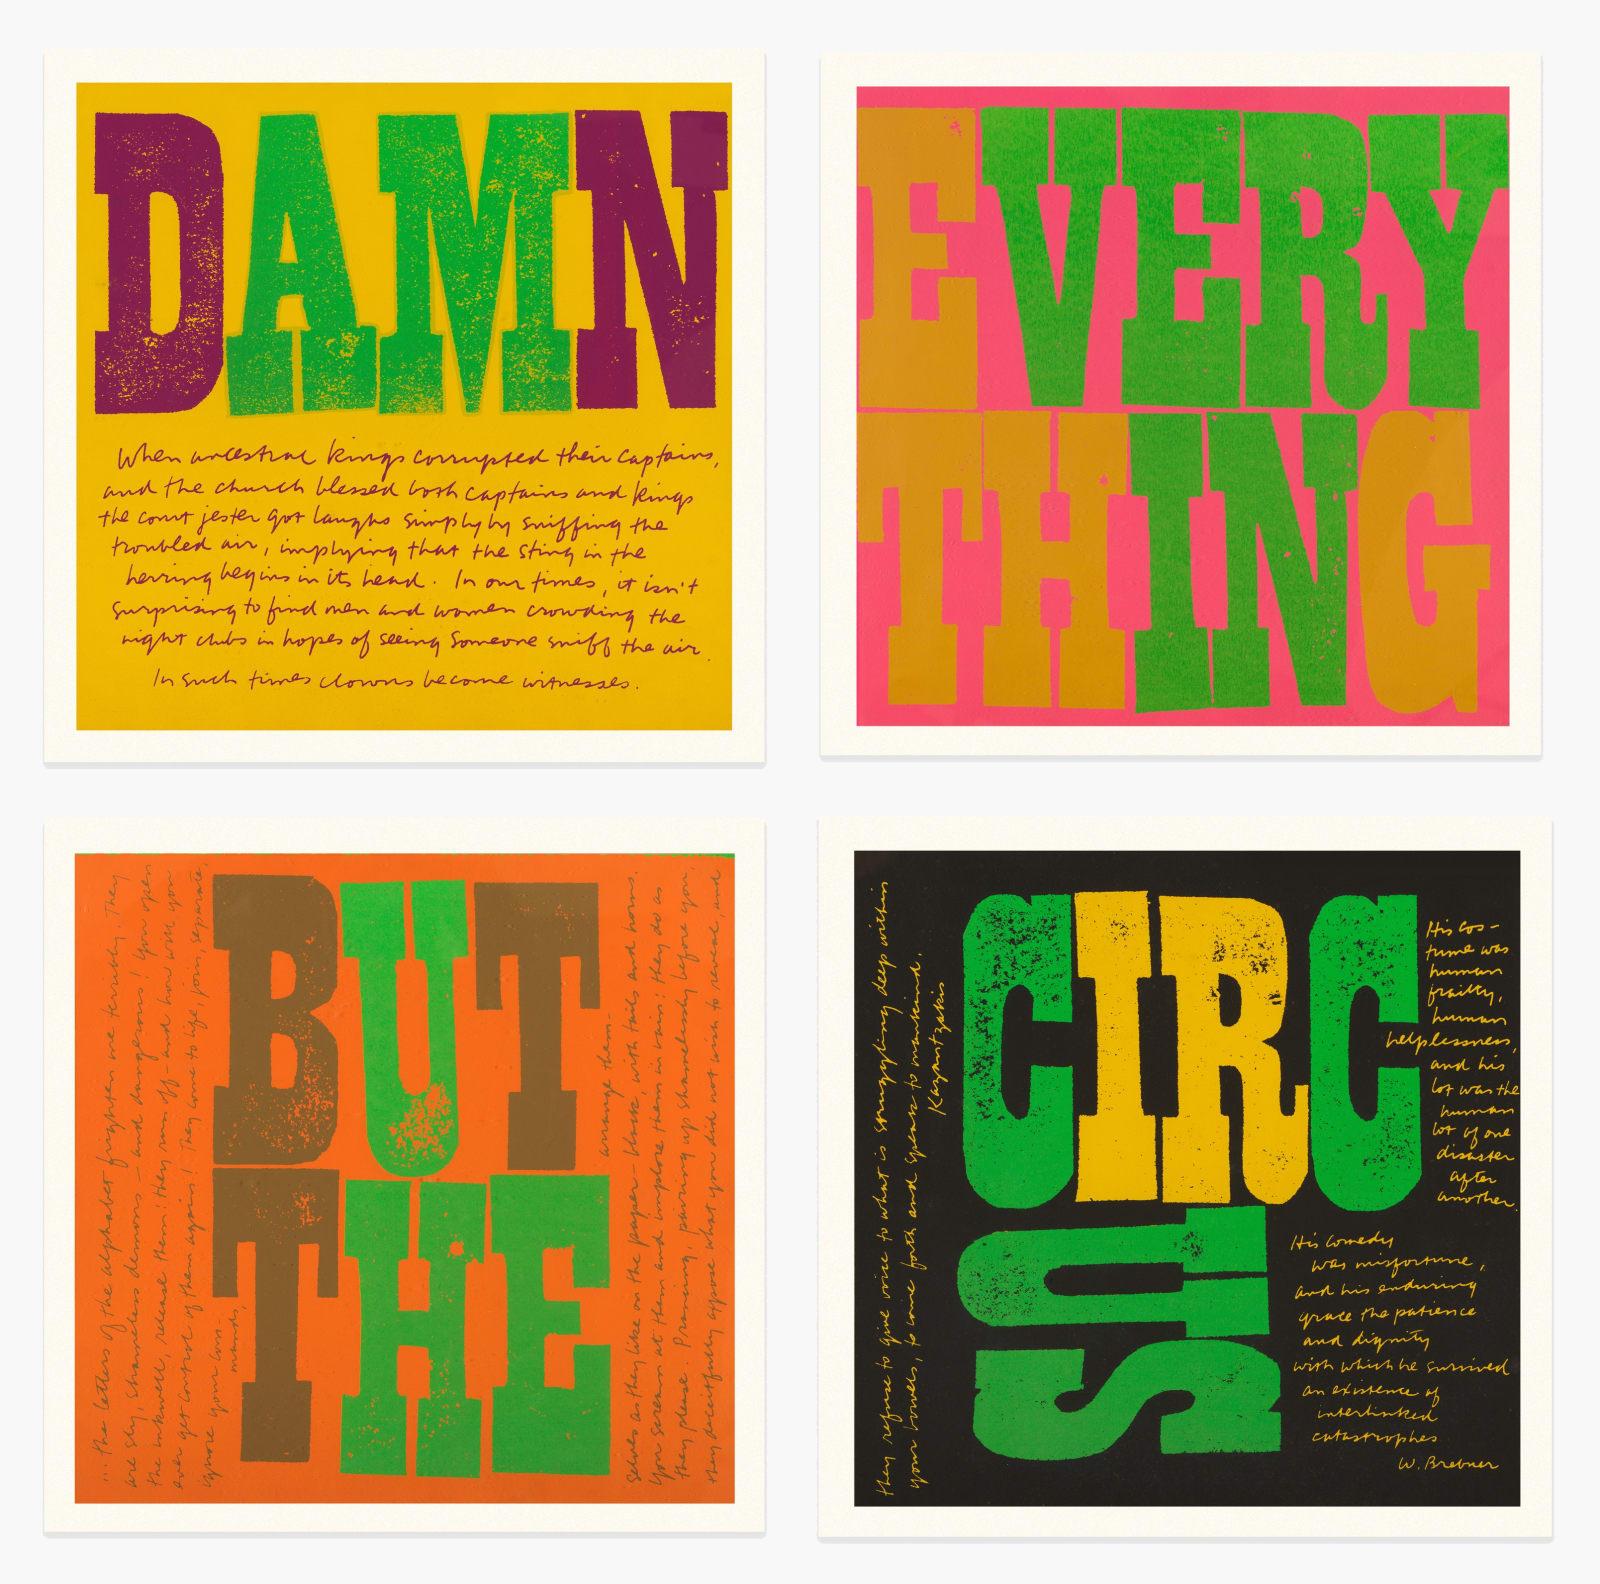 SISTER MARY CORITA KENT, Damn / Everything / But The / Circus, 1968-70